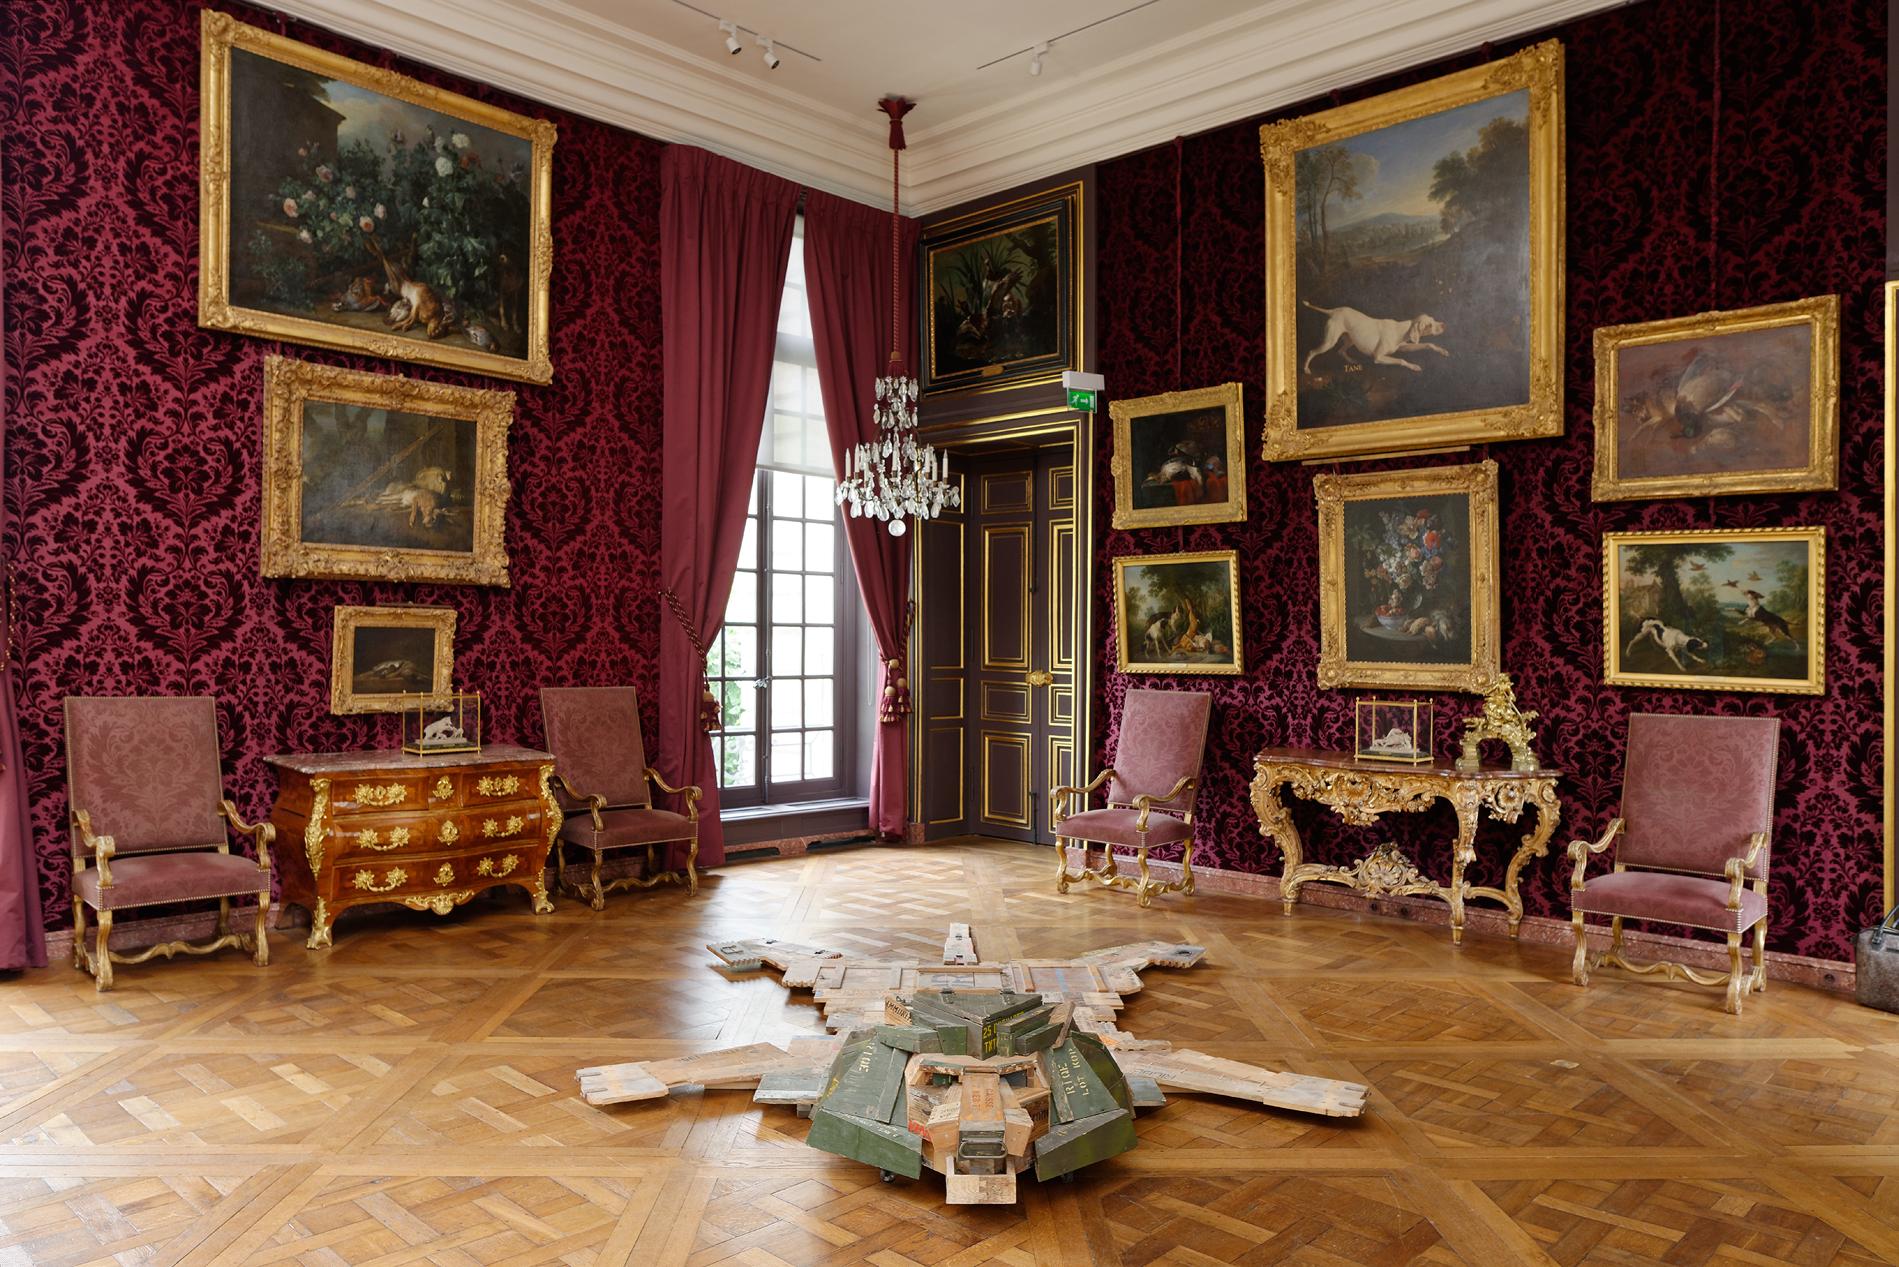 Dimitri Tsykalov - Safarix - Musée de la Chasse - Galerie Rabouan Moussion